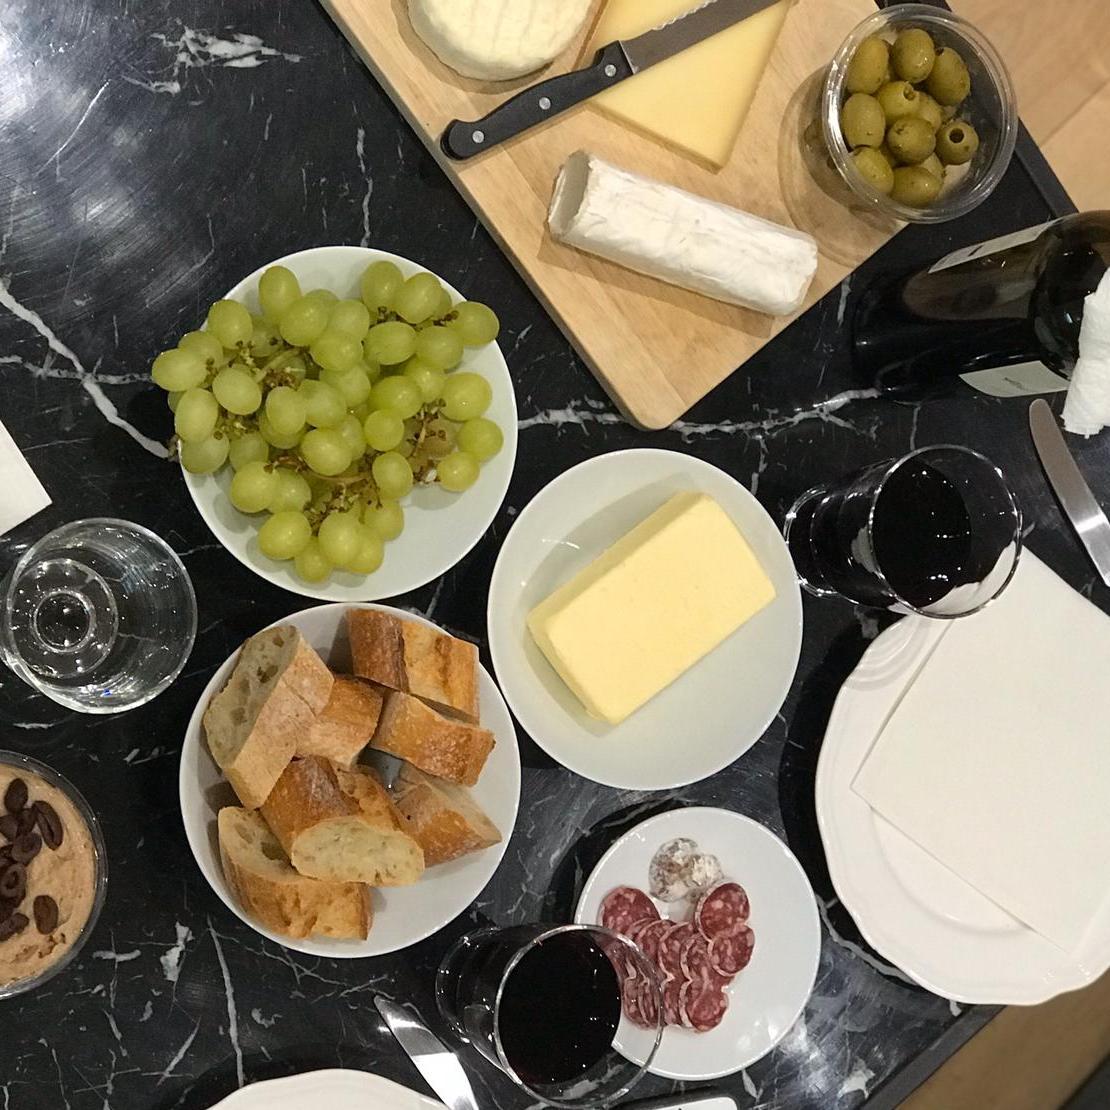 Ein tisch mit Salami, Baguette, Käse und Rotwein gedeckt